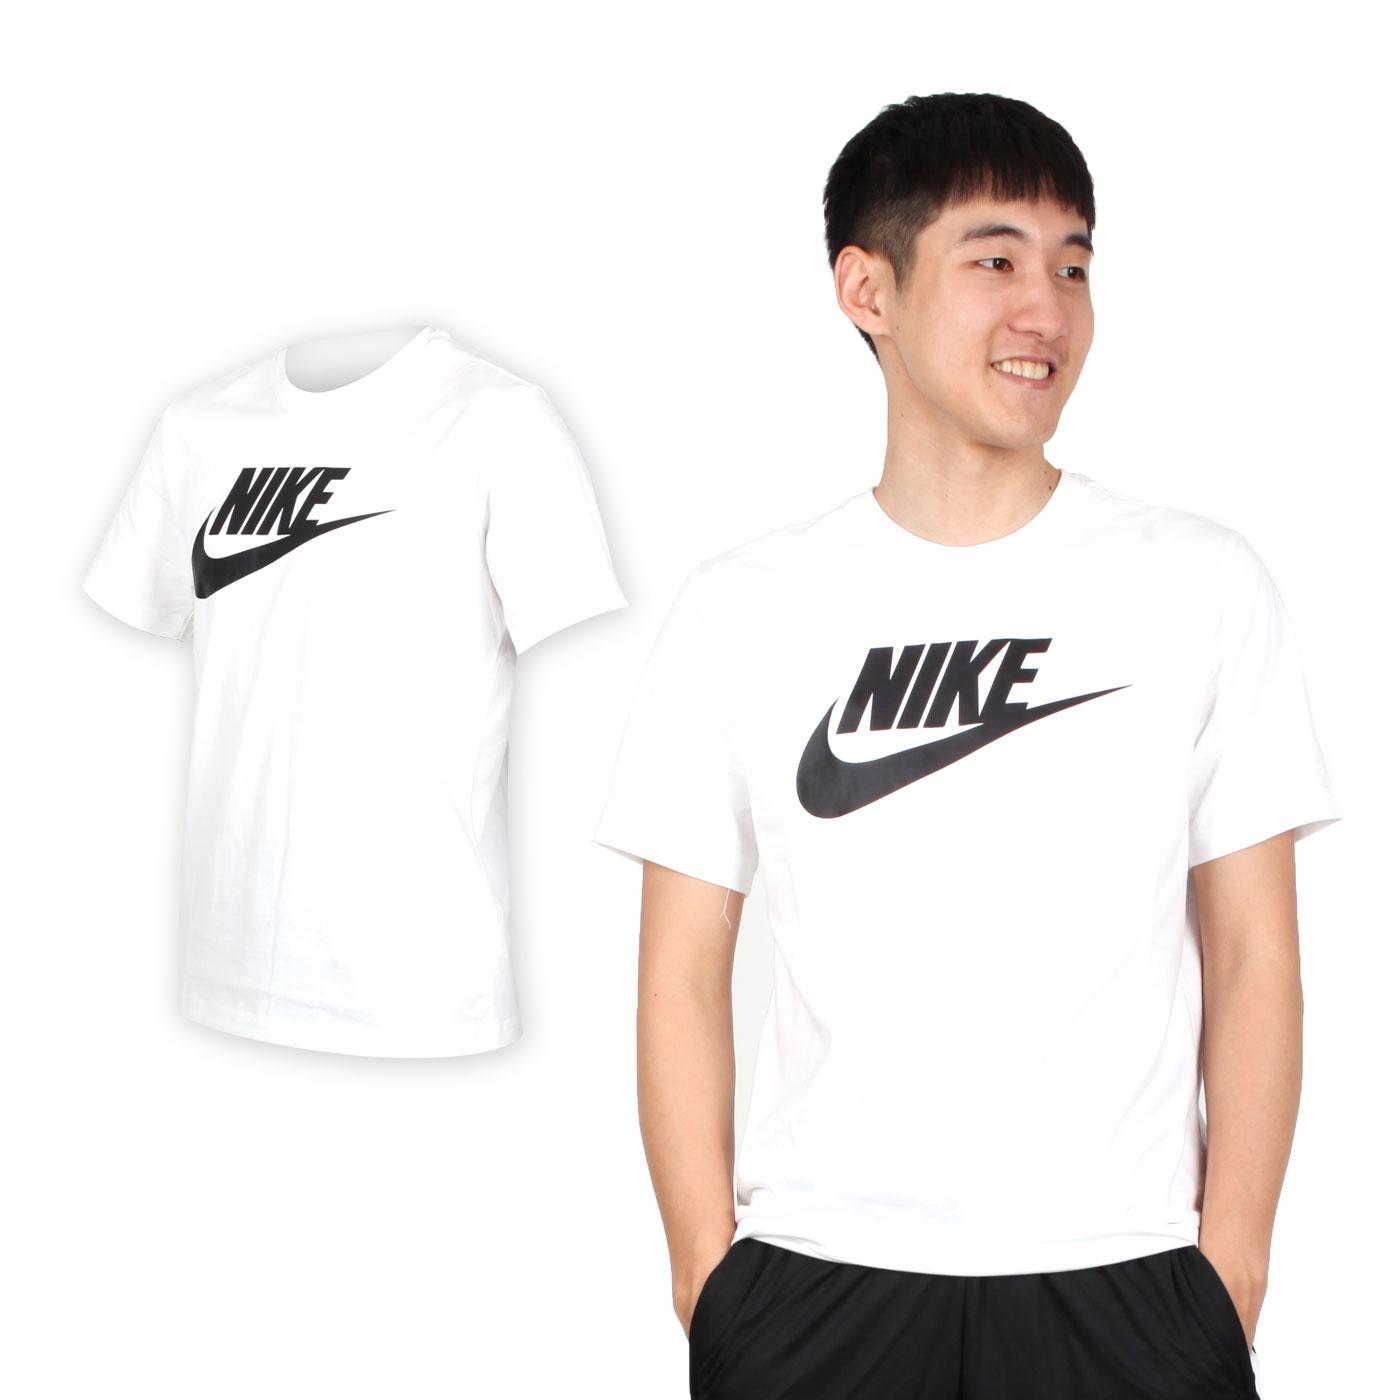 NIKE 男款短袖T恤 AR5005010 - 白